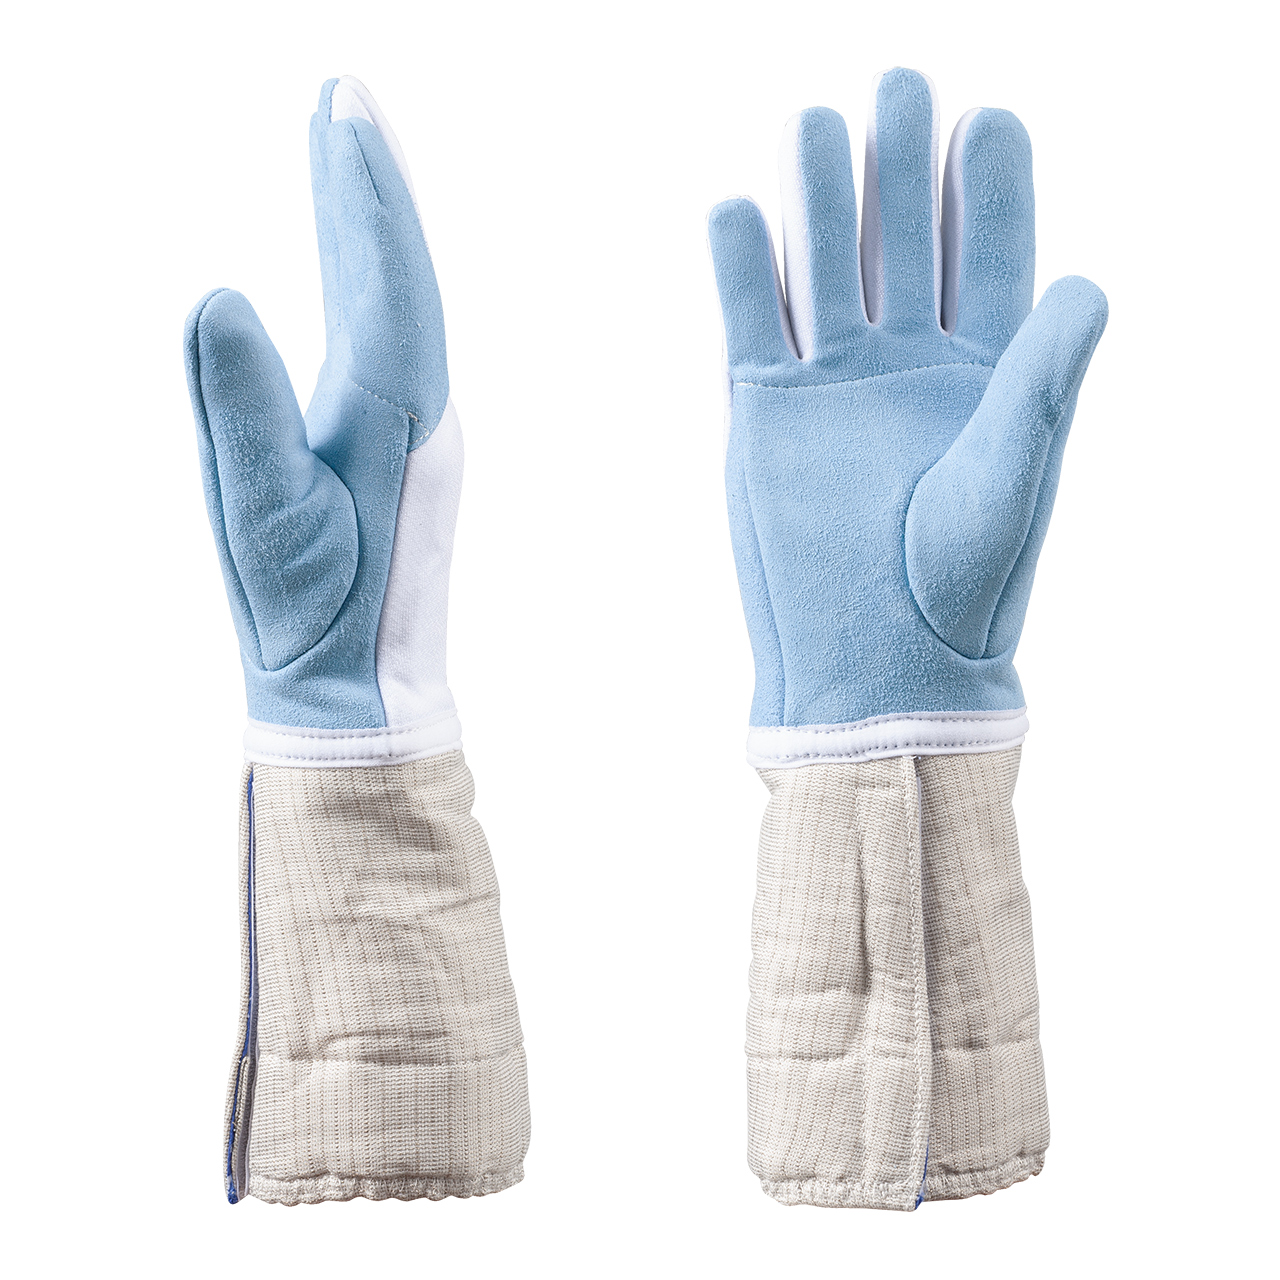 sabre glove FIE 800N electric